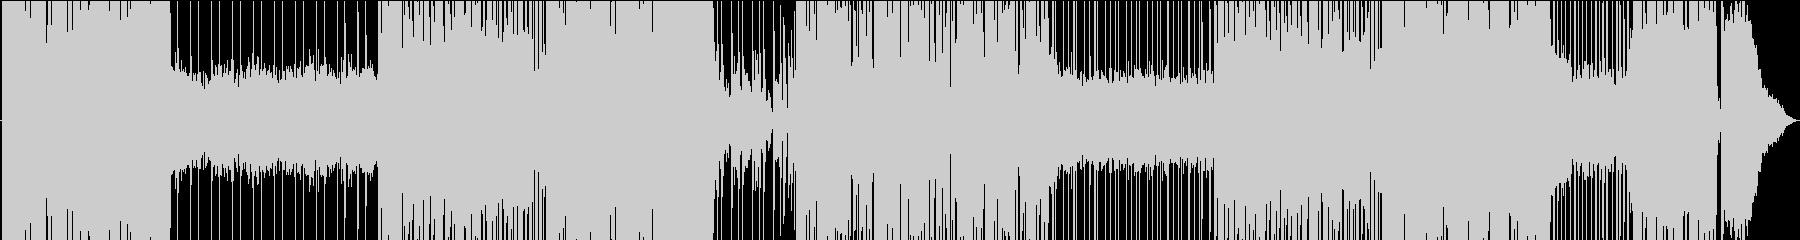 ゆったりレゲトンの爽やかシーケンスEDMの未再生の波形